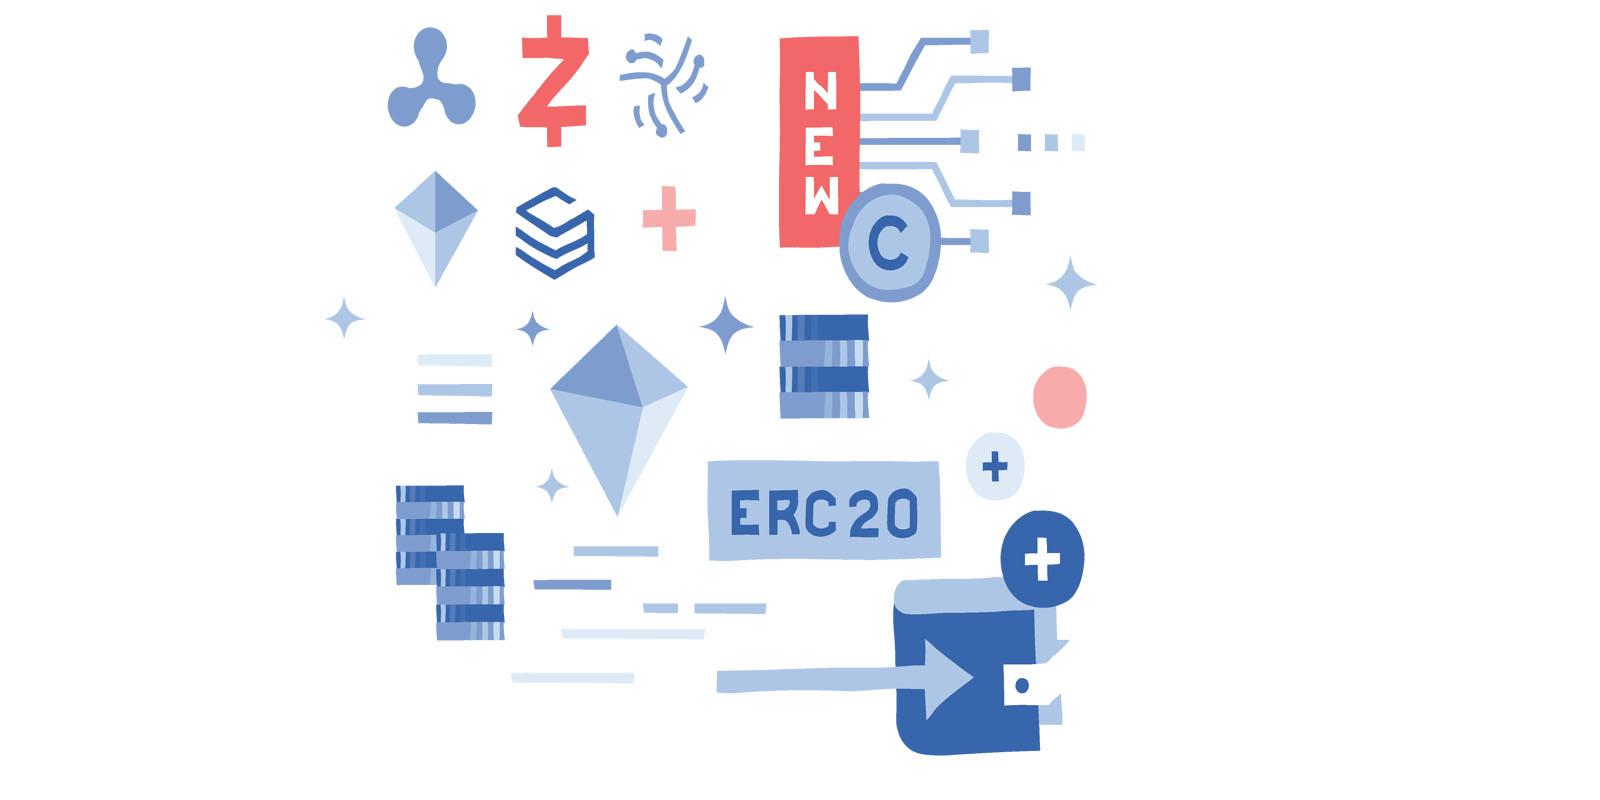 Qu'est-ce qu'un token ERC20 ?